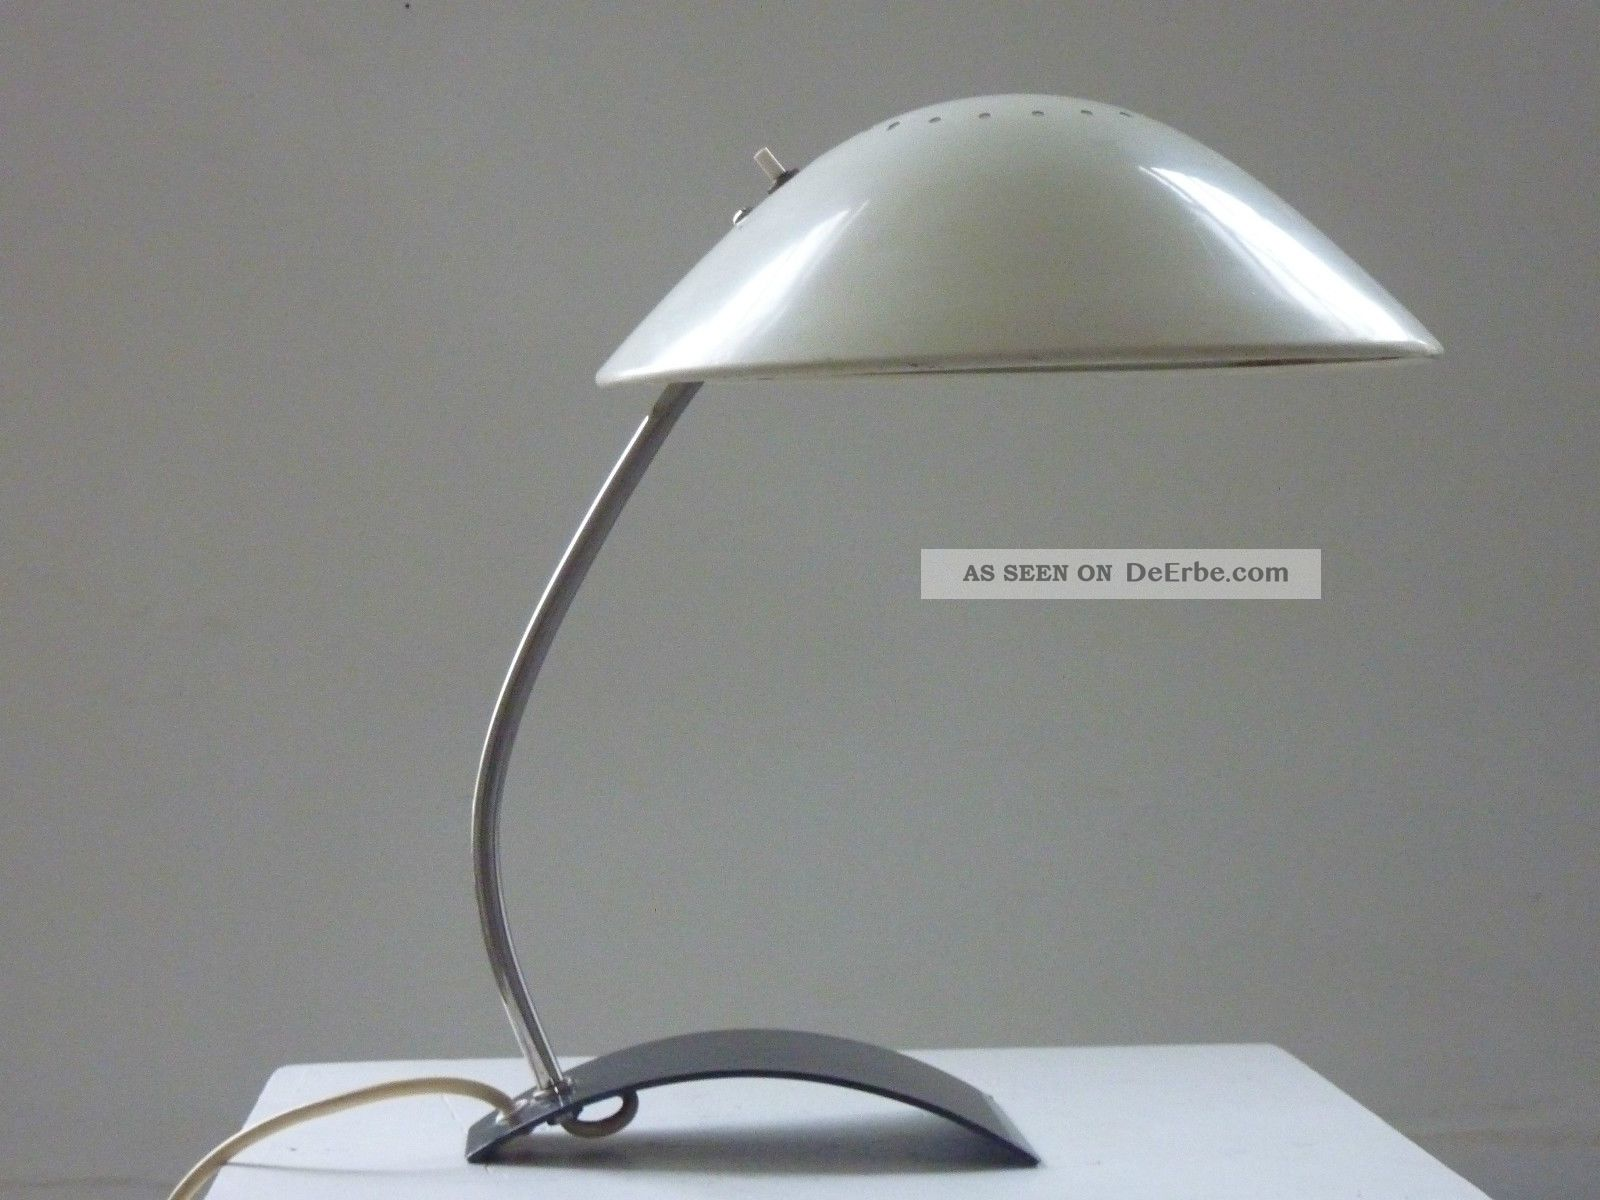 Tischlampe desklamp kaiser leuchten 50er 50s mid century for Lampen 50er design